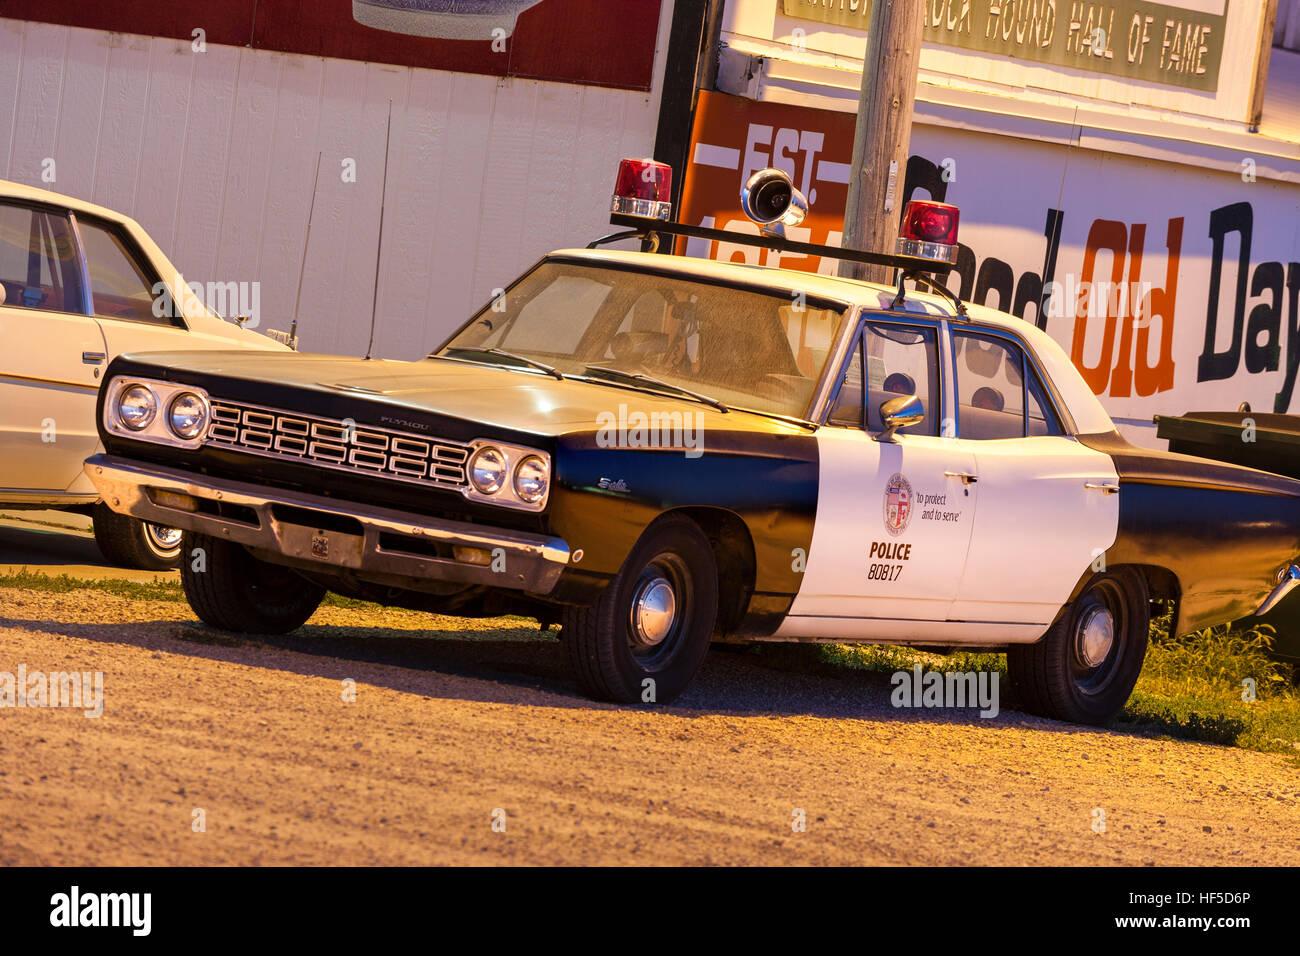 Amerikanisches Polizeiauto, Streifenwagen, Streifenwagen, Polizei ...